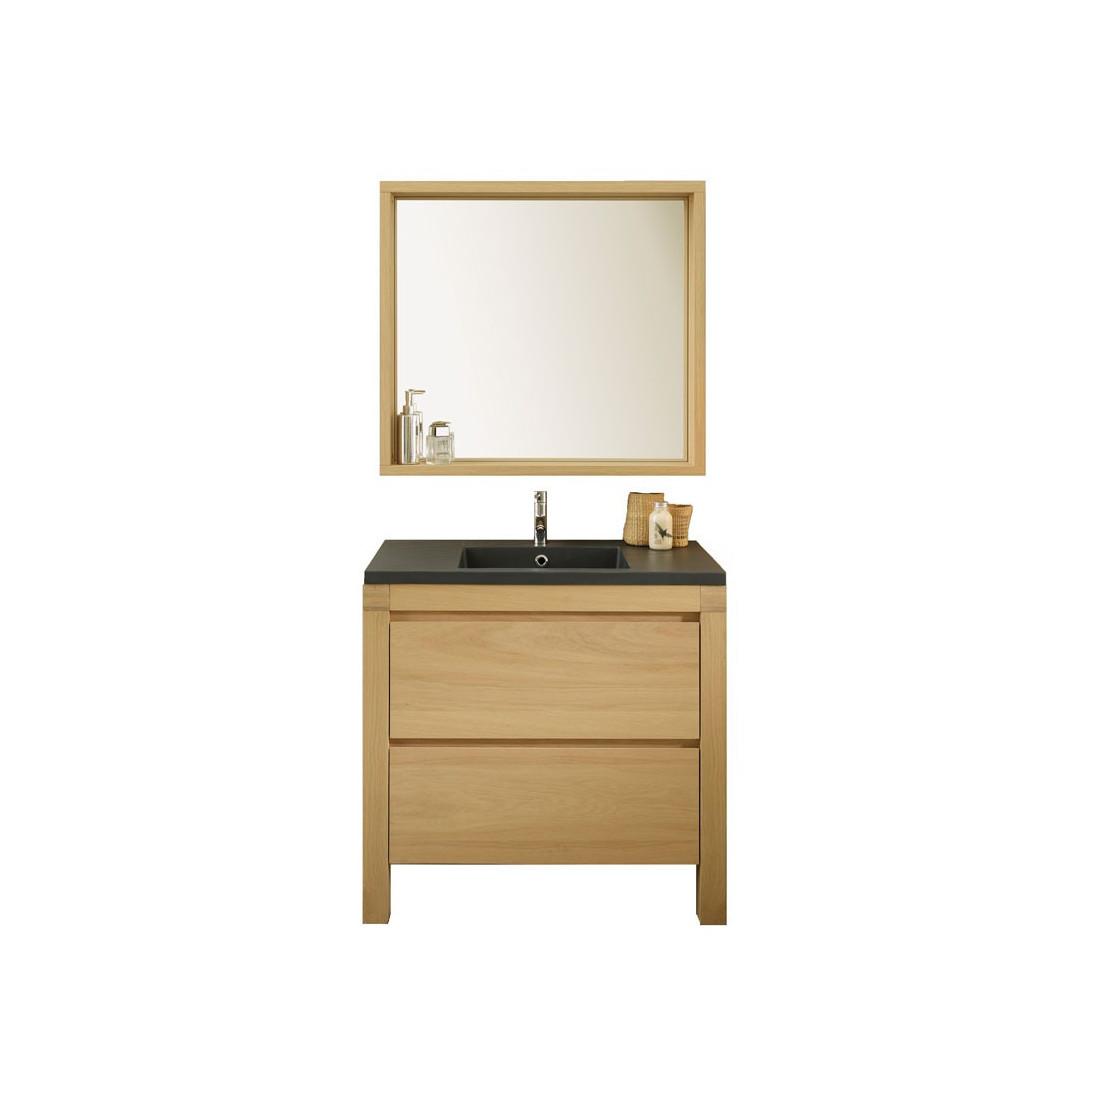 Meuble avec vasque miroir artemis univers de la salle de bains - Meuble salle de bain avec miroir ...